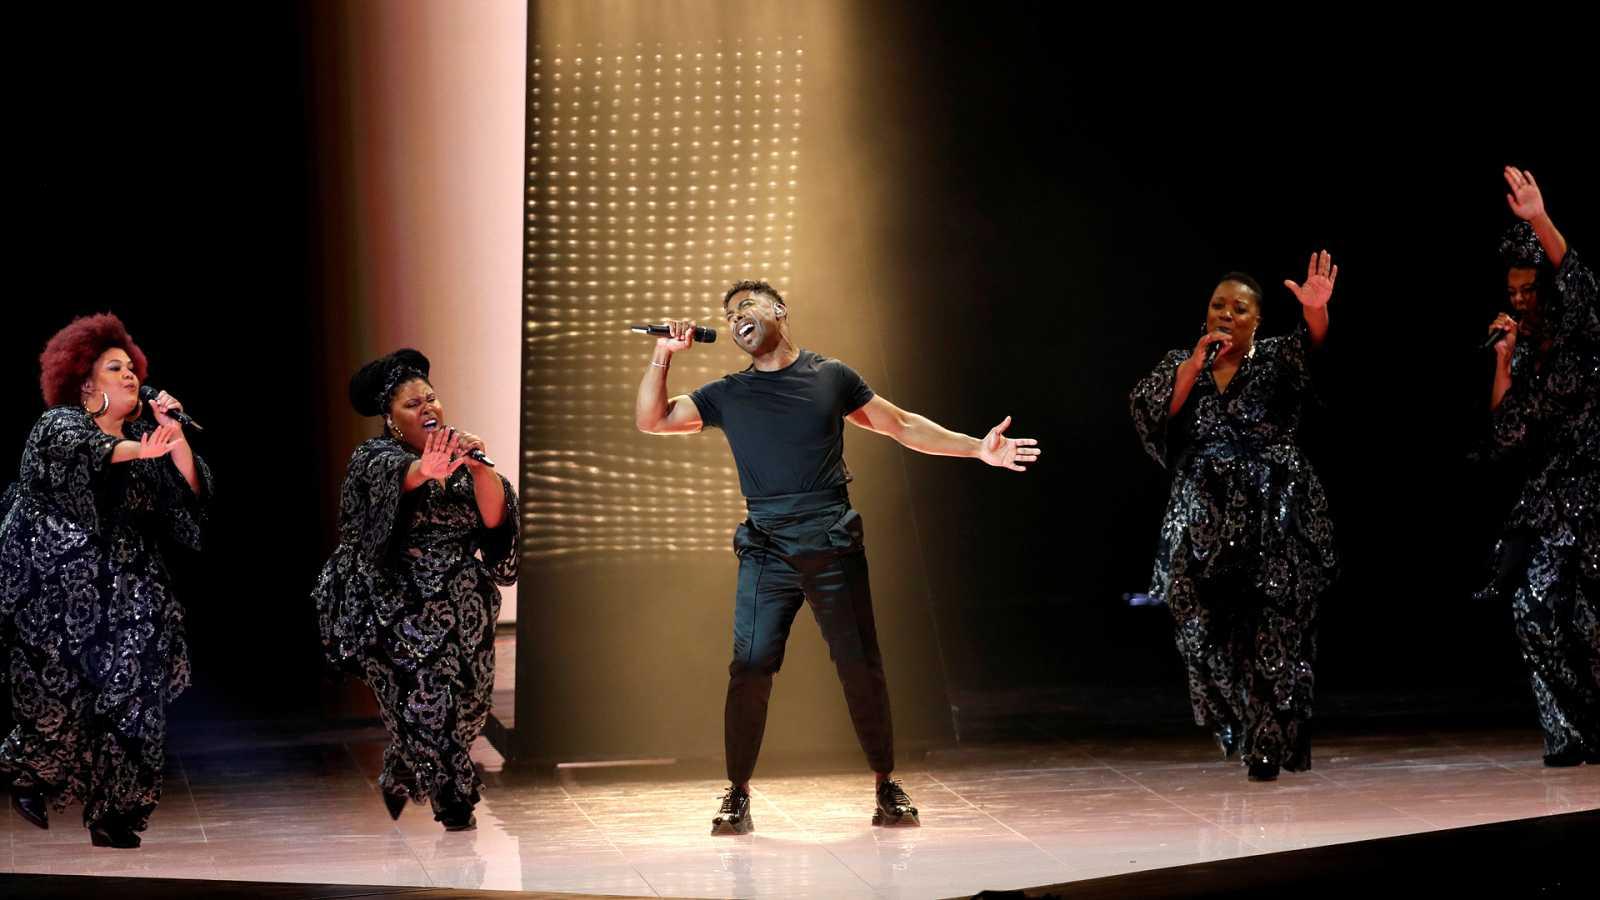 Eurovisión 2019 - Minuto de Suecia en el ensayo general de la segunda semifinal